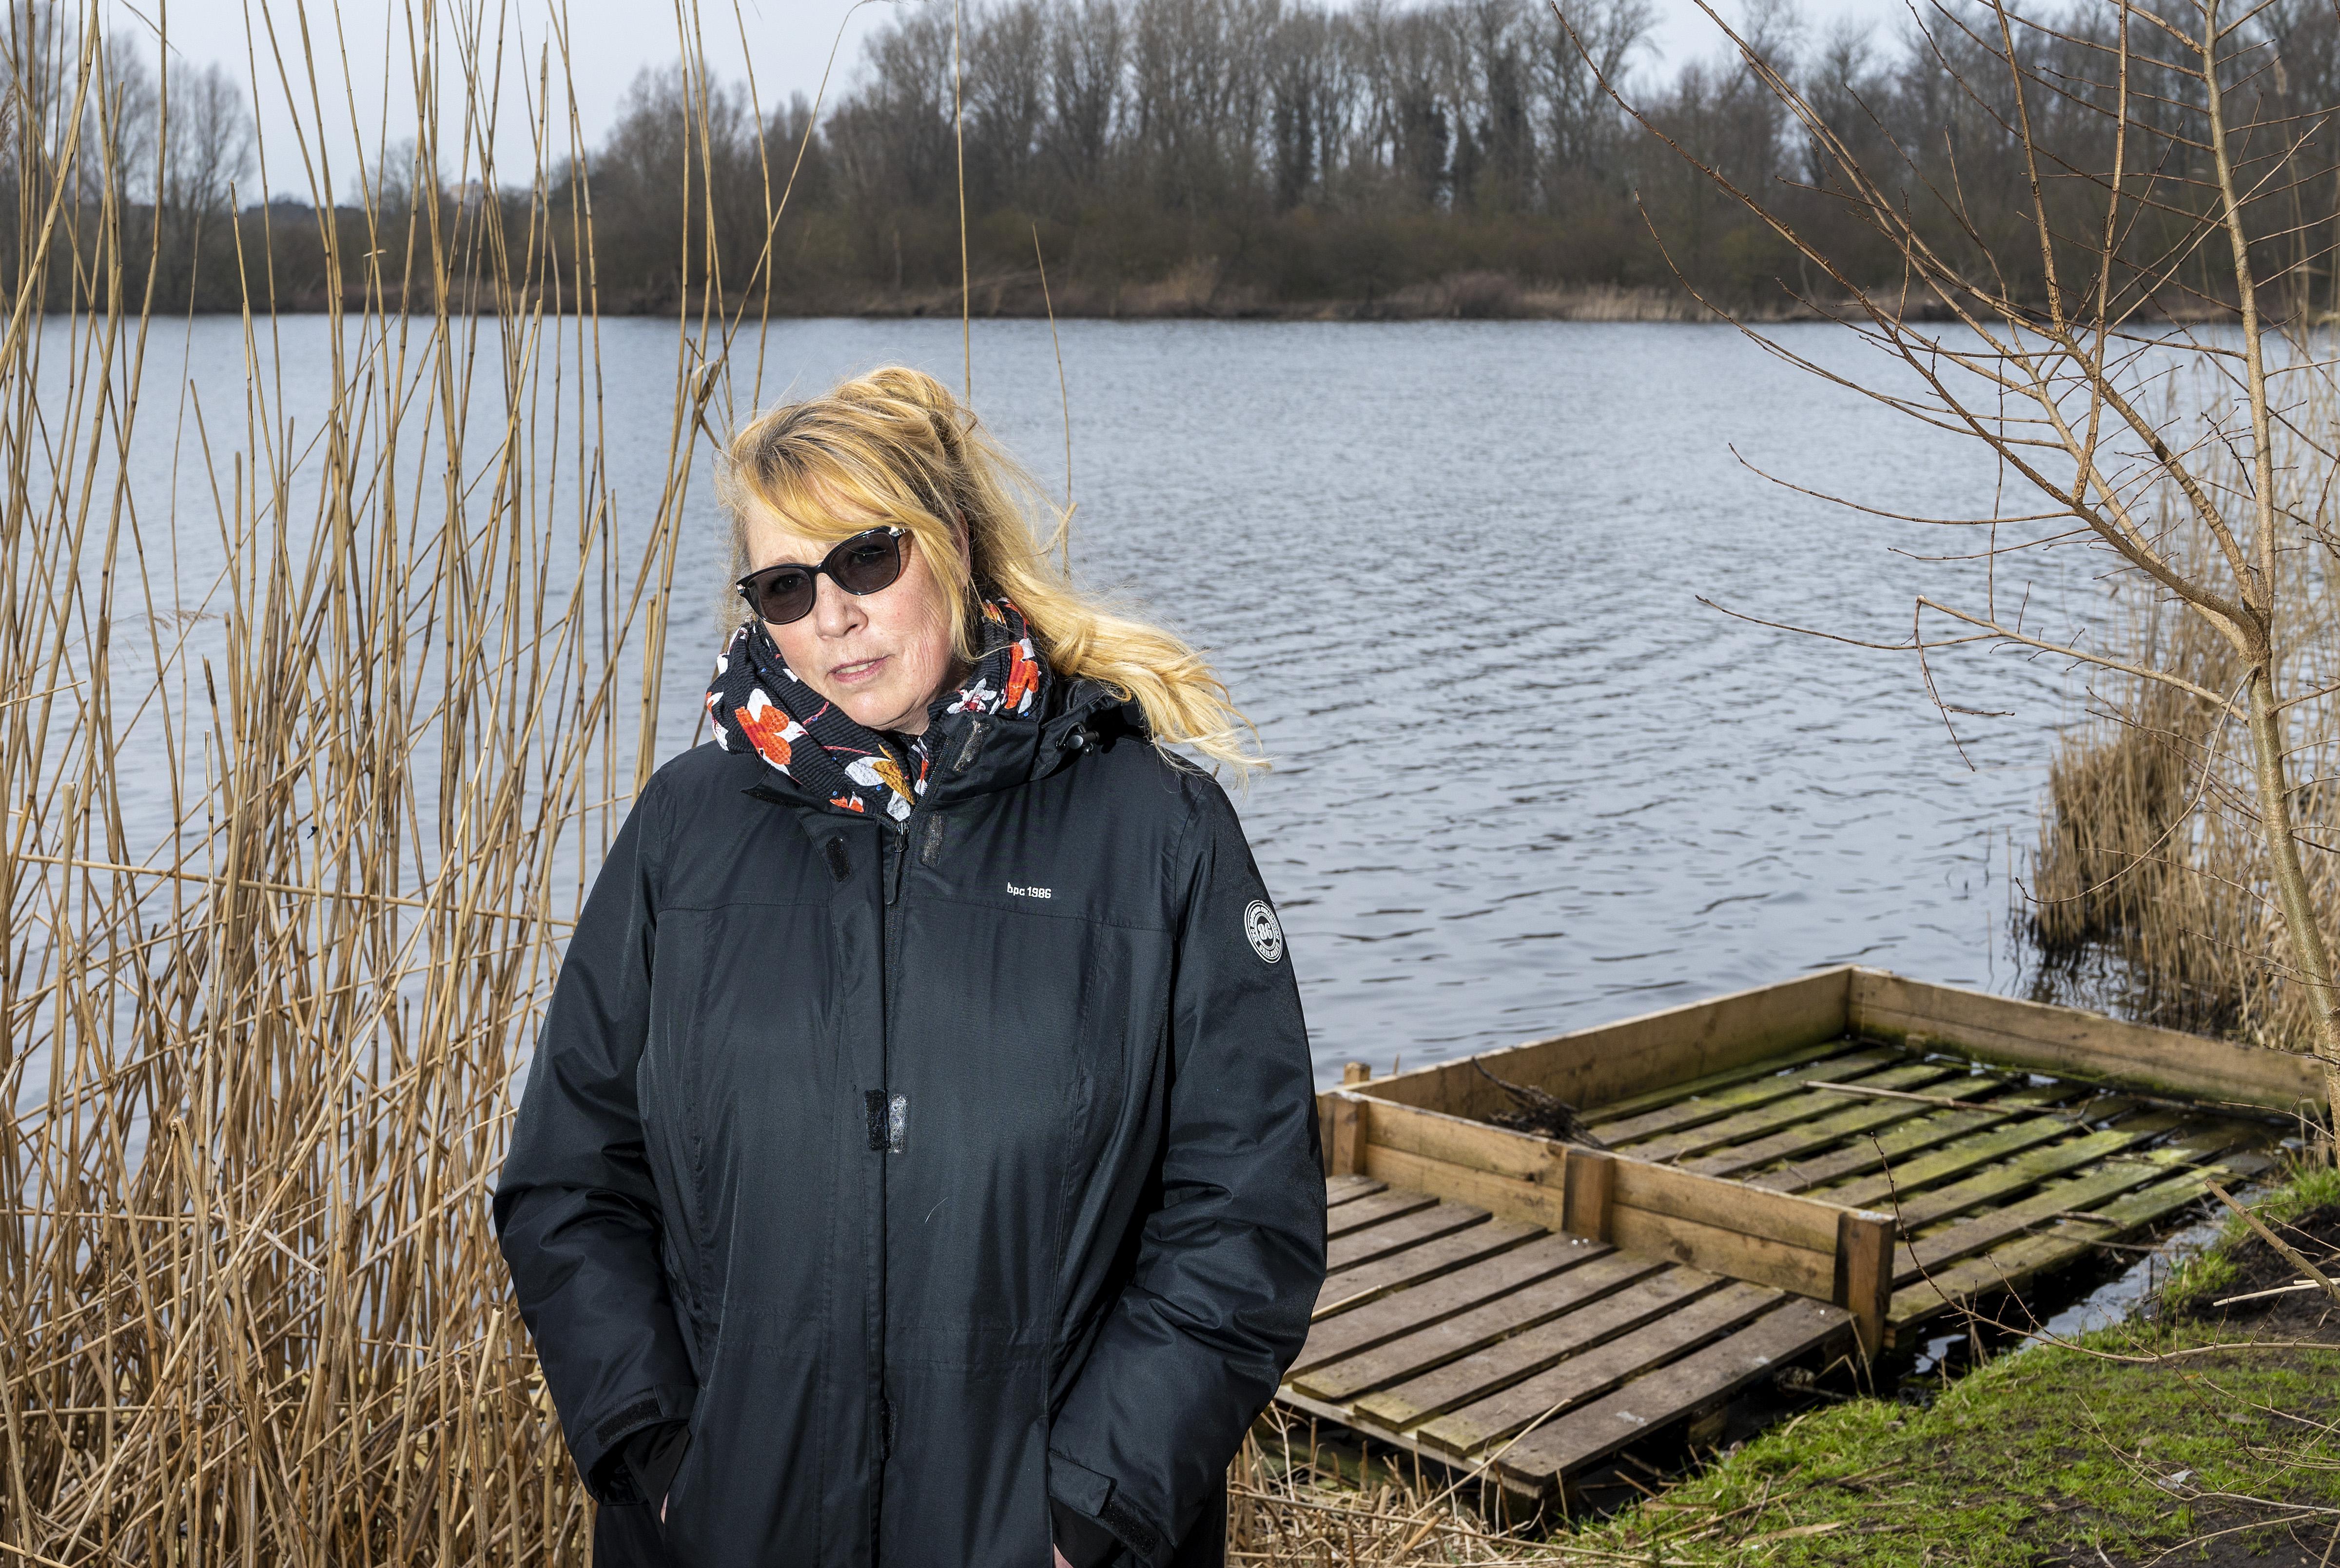 Linda Steeman hekelt plan voor horeca en strand bij Schouwbroekerplas 'Laat natuur met rust'